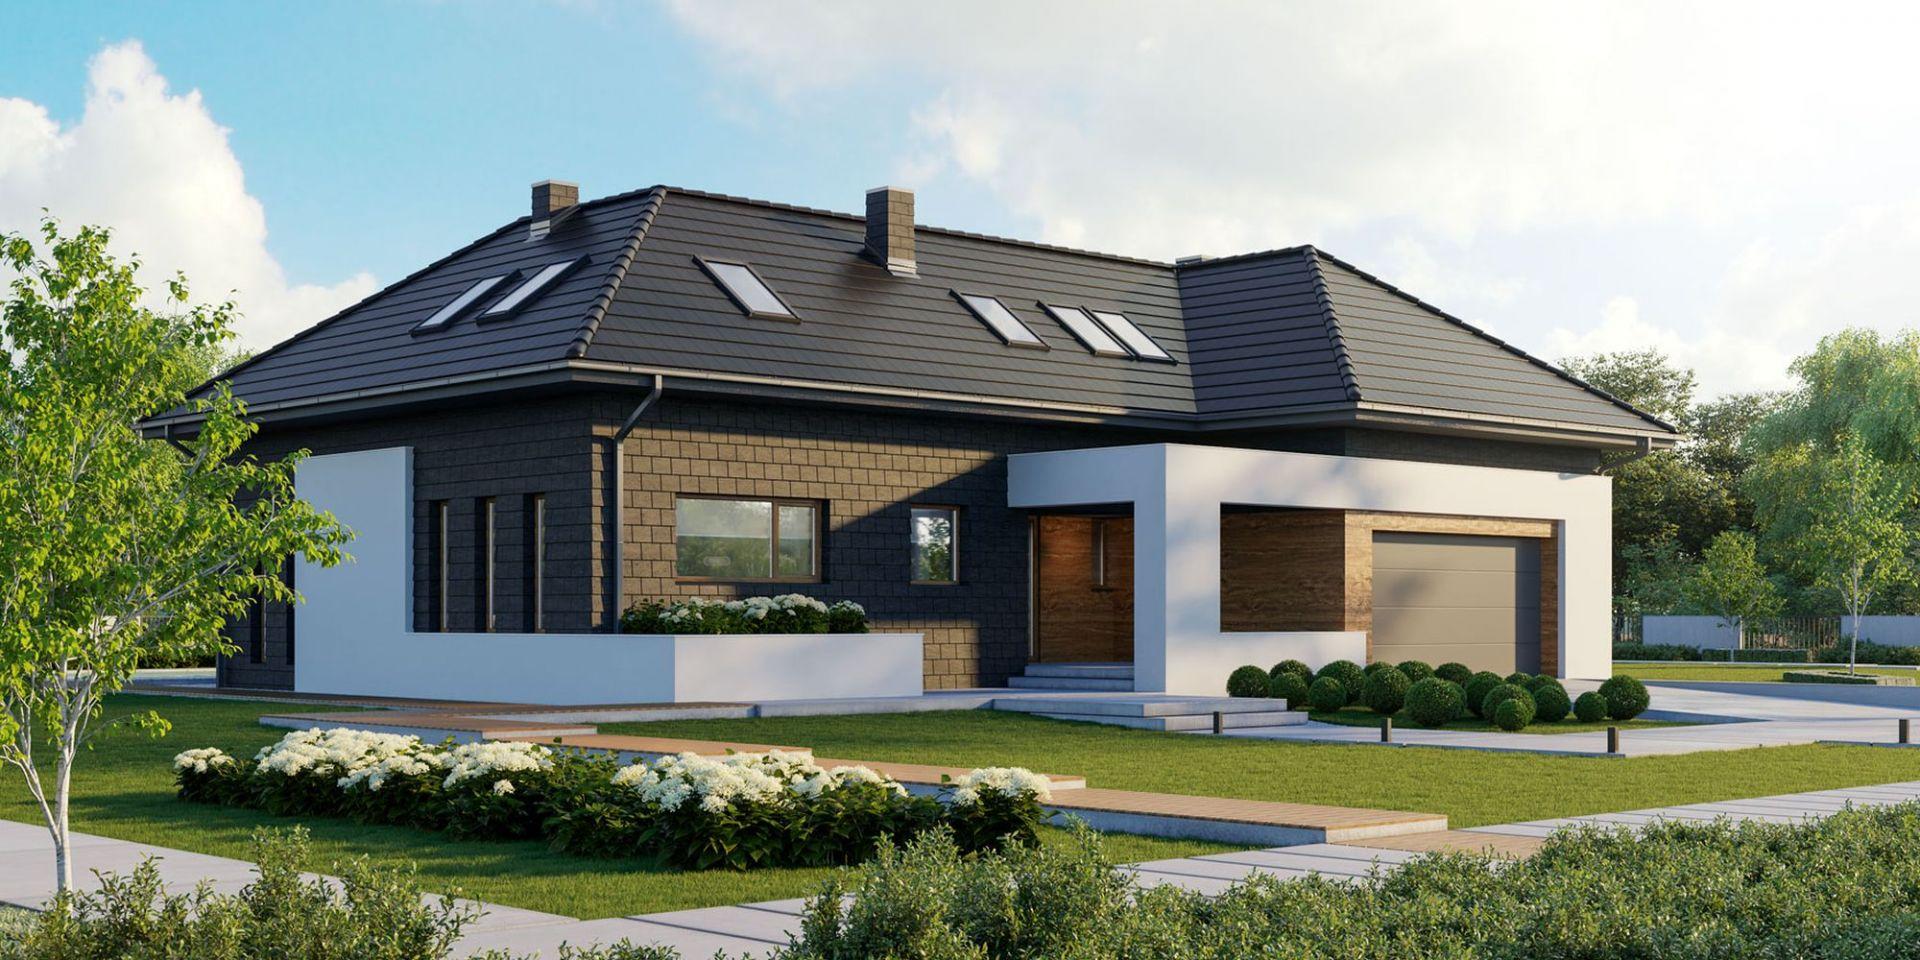 Strefa wejściowa jest wyraźnie zaznaczona i wyeksponowana poprzez charakterystyczną ażurową konstrukcję. Dom HomeKoncept 13. Projekt i zdjęcia: HomeKoncept